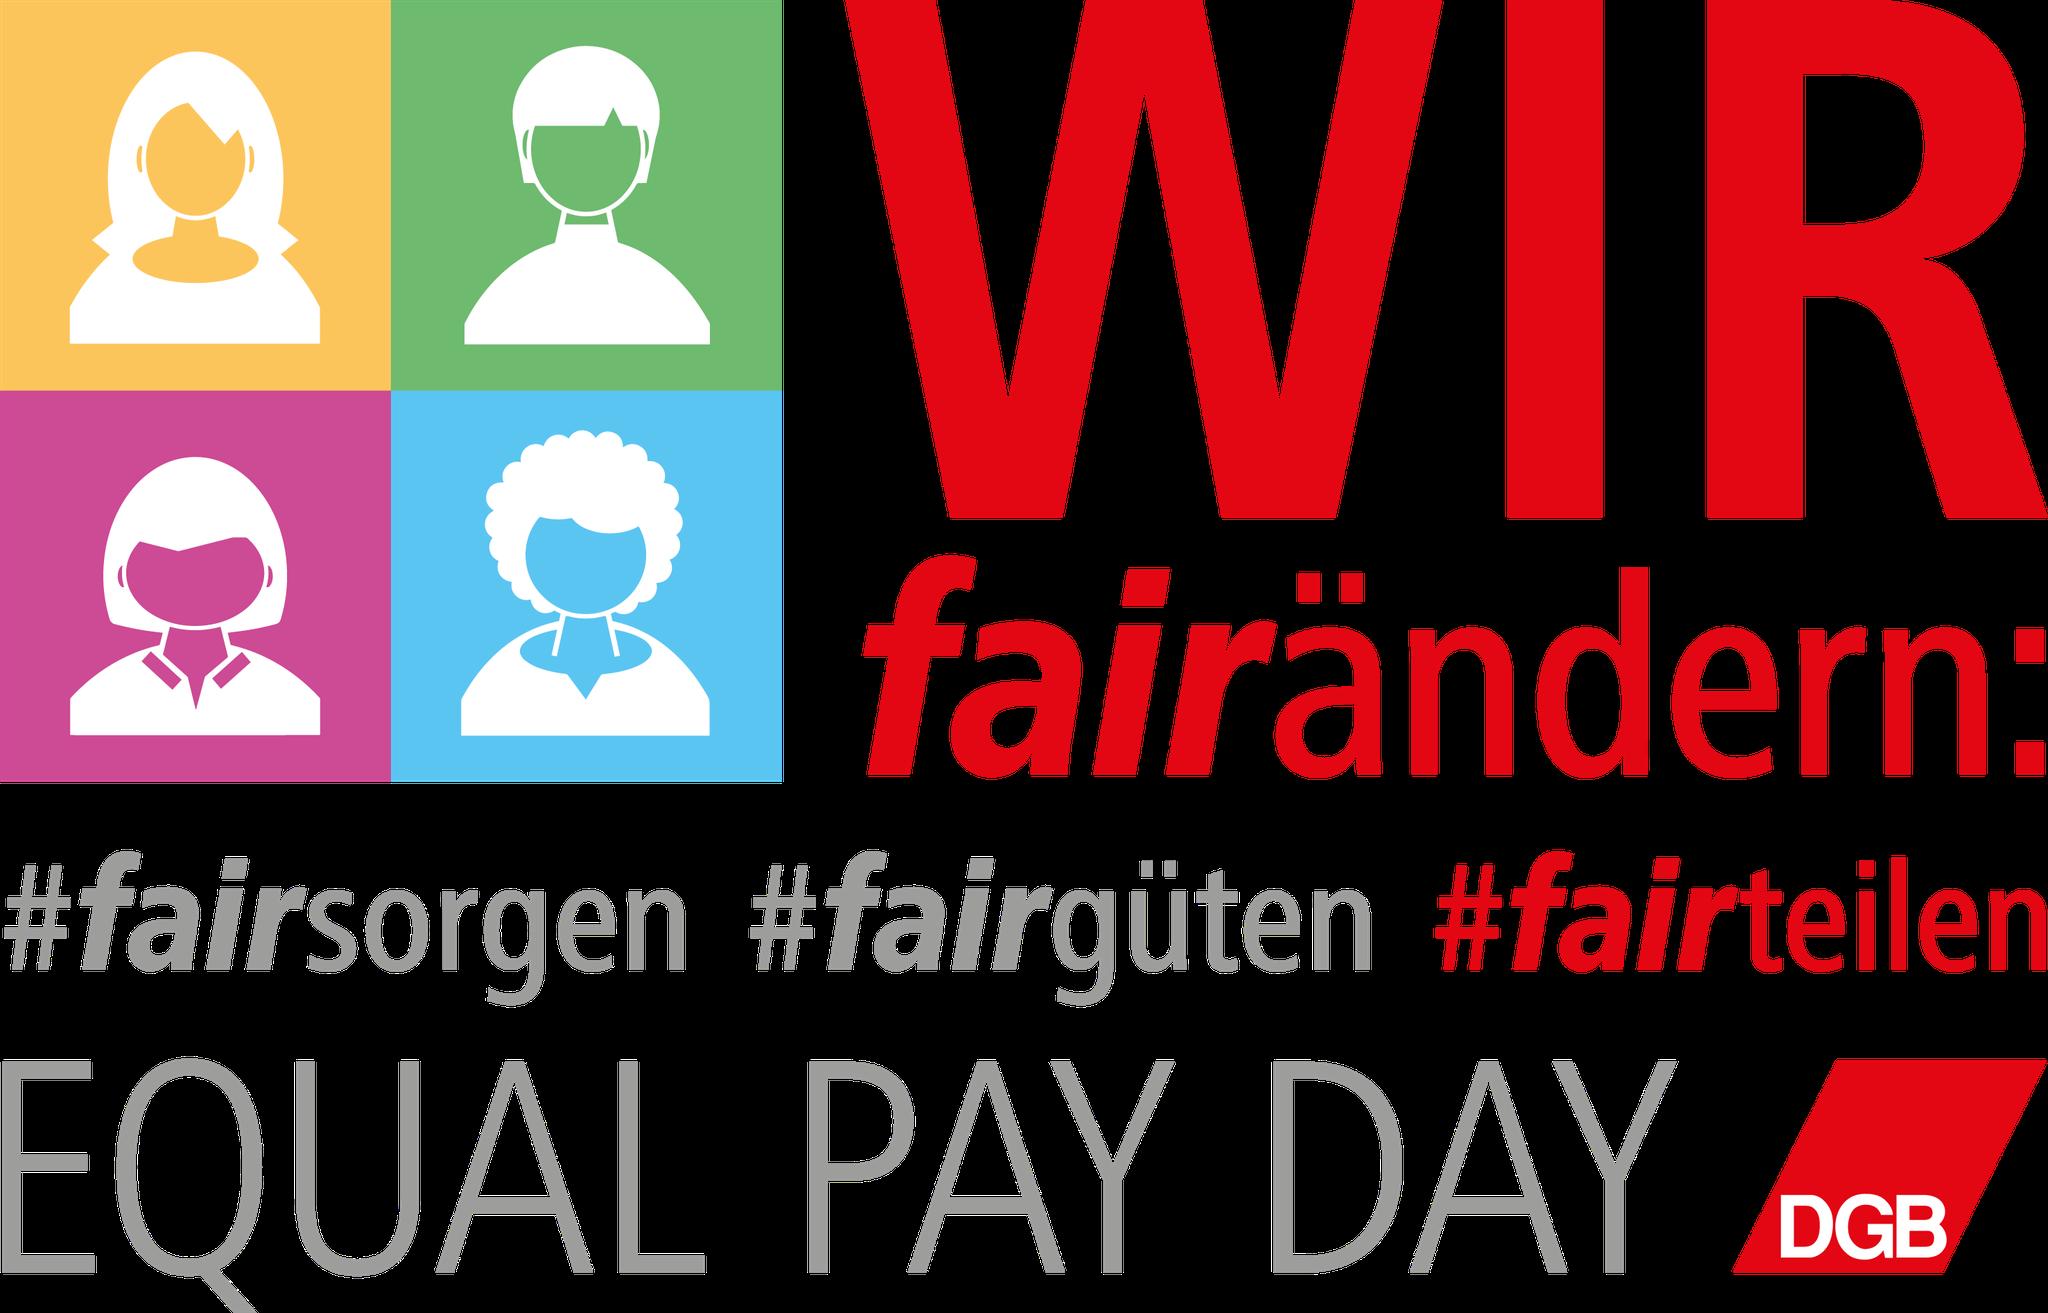 """DGB-Logo zum EPD 2020: Logo """"wir #fairteilen"""", zusammen mit #fairsorgen (Equal Care Day, 29.02.) und #fairgüten (Internationaler Frauentag, 08.03.) wird eine Klammer um den gesamten Frauenmonat März gesetzt."""